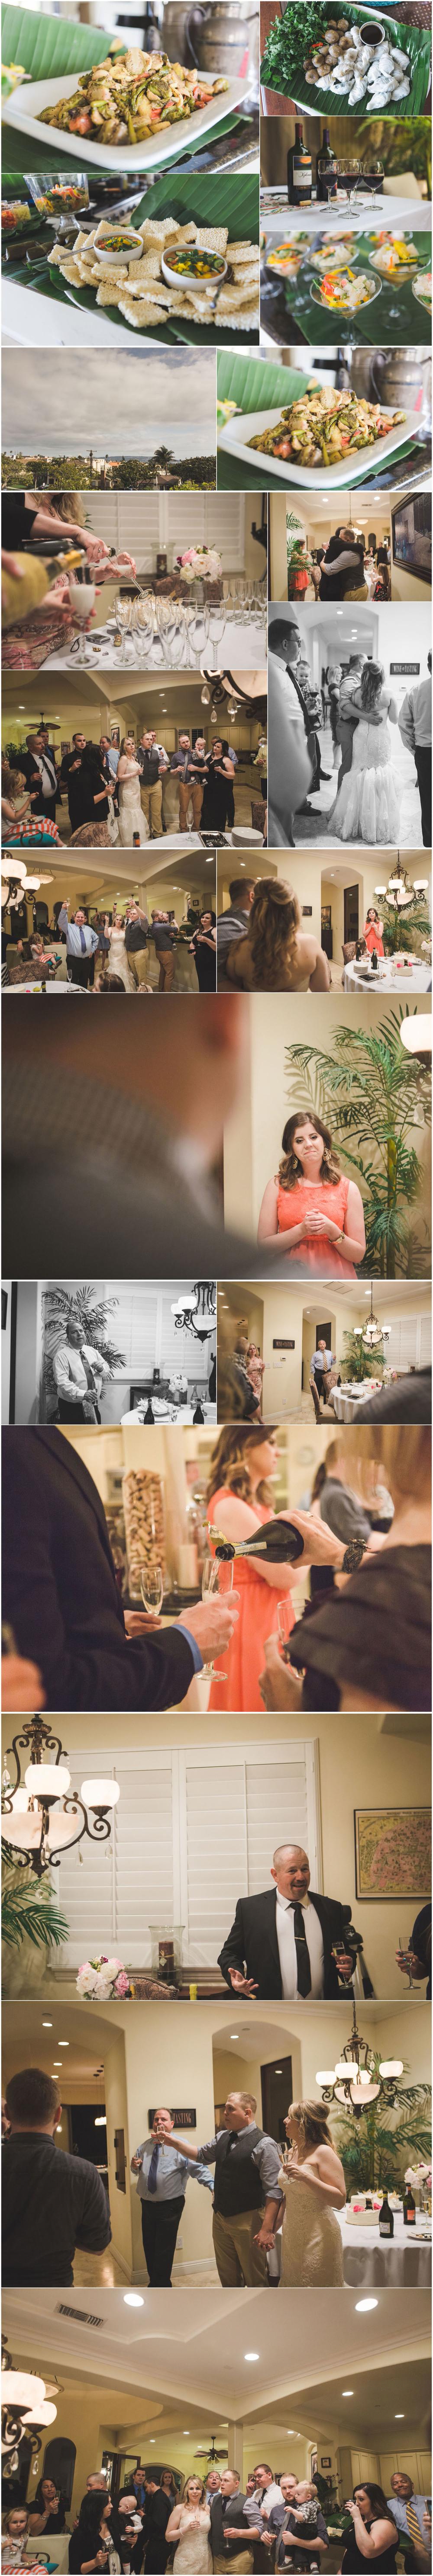 ashley vos photography seattle area wedding photographer courthouse wedding backyard wedding seattle washington_0121.jpg